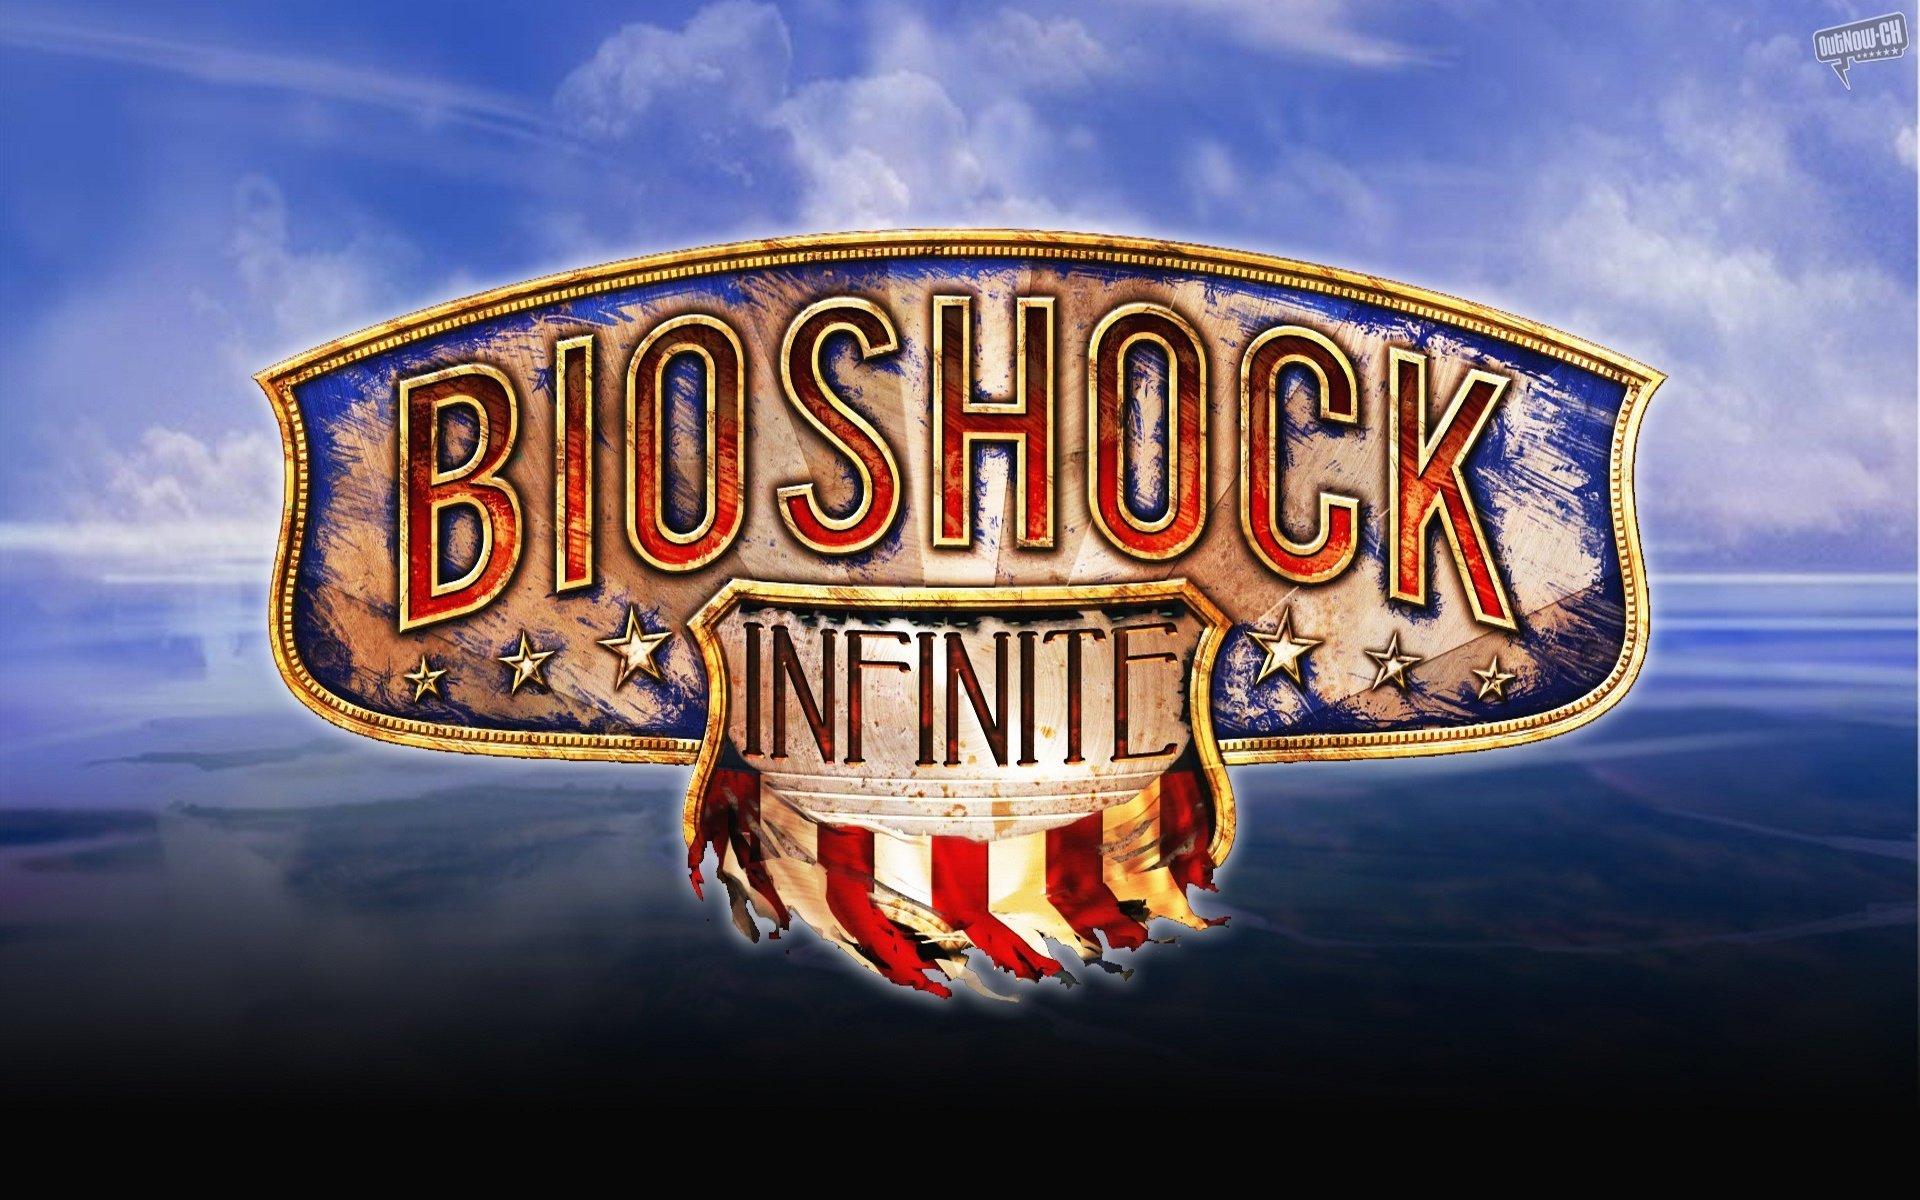 Bioshock Infinite-одна из немногих игр последних лет которая меня так сильно зацепила.Кенн Левин и его команда проде ... - Изображение 1